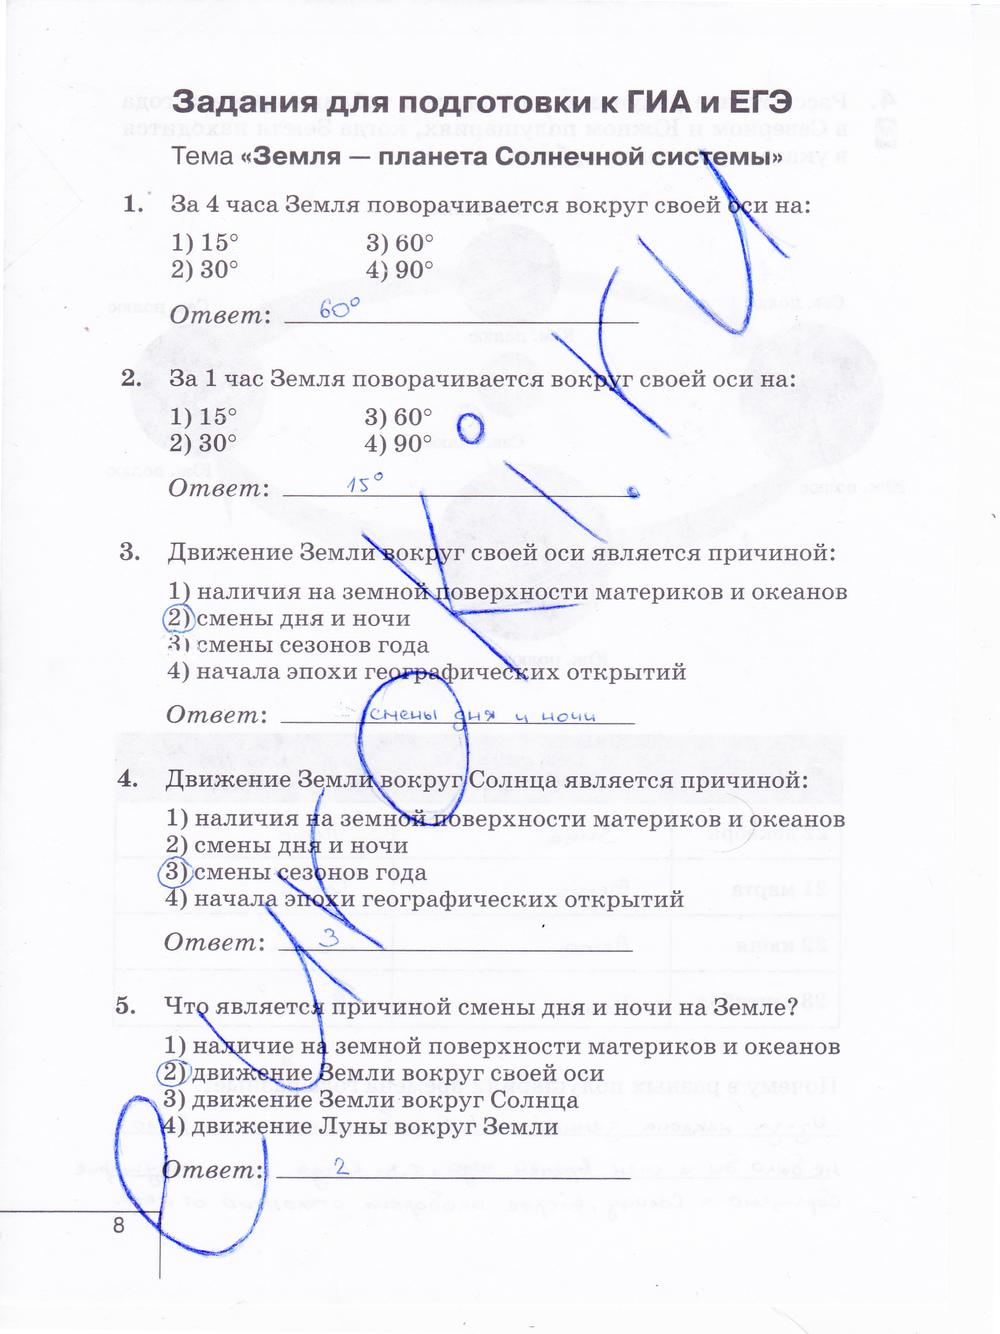 Гдз По Географии 6 Класс Карташова И Курчина